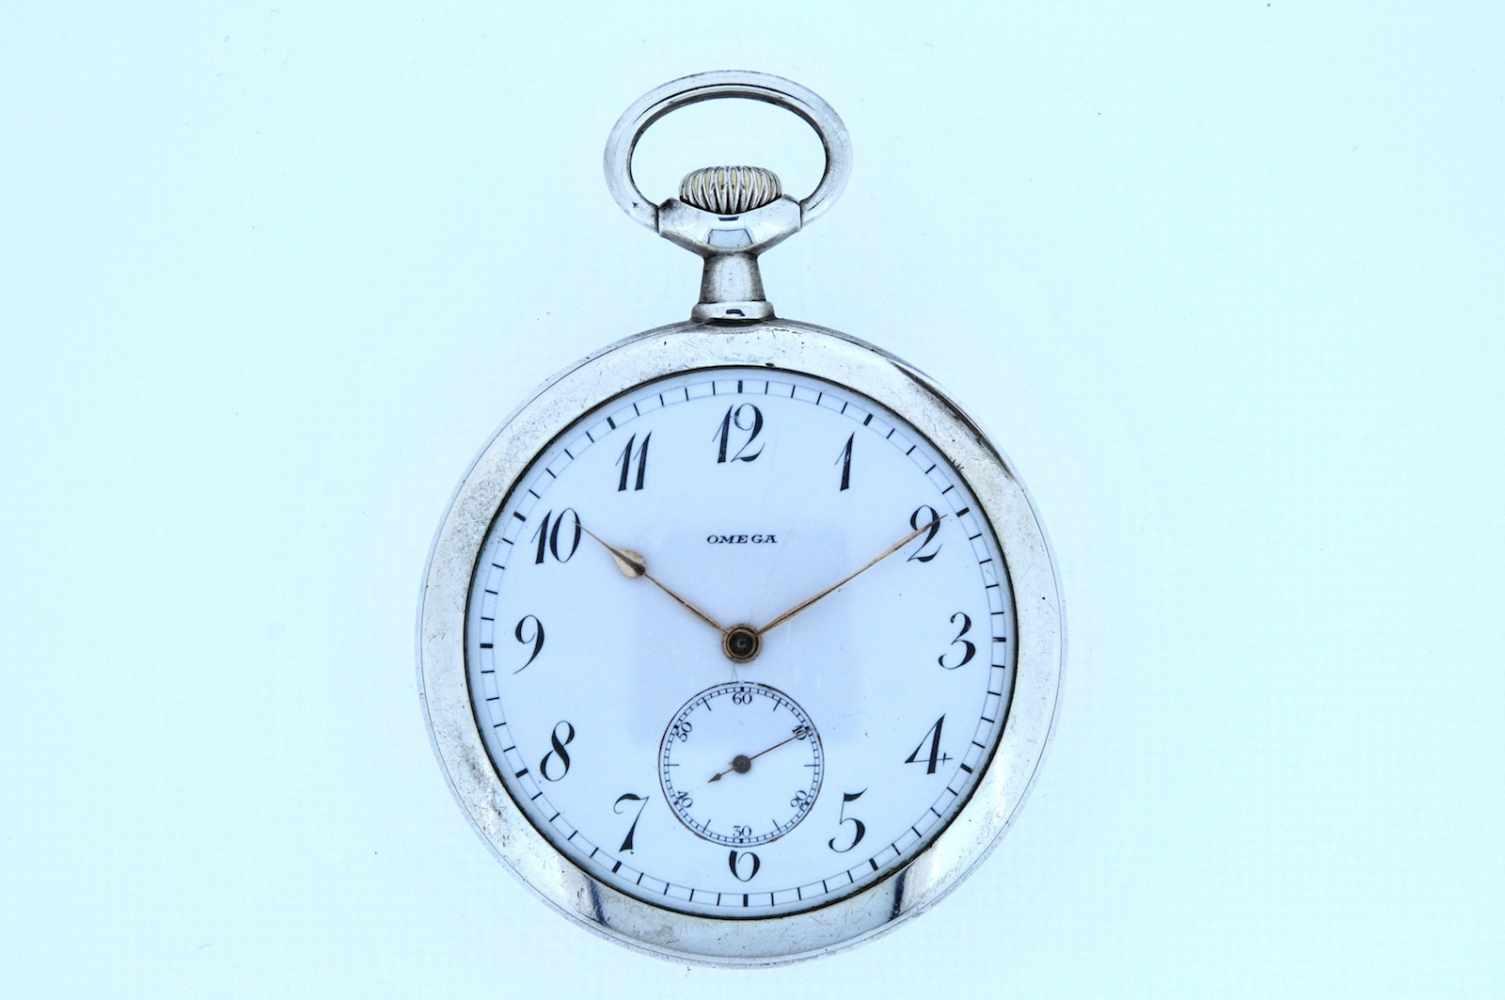 Silberne Taschenuhr Silberne Taschenuhr mit kleiner Sekunde, Omega, Breguetspirale, Ankerwerk,